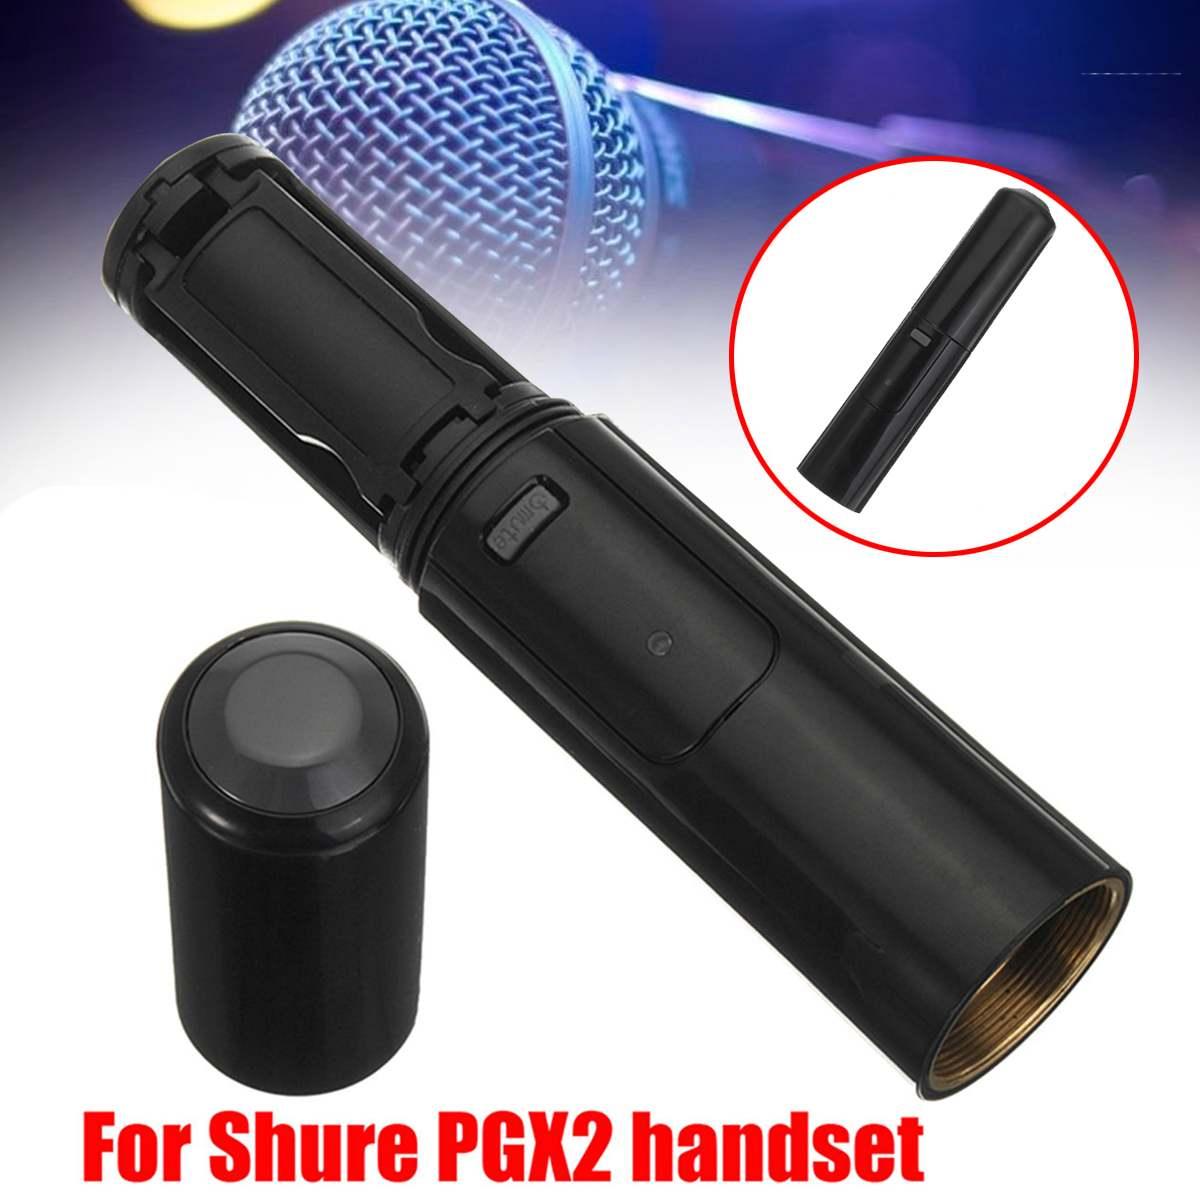 Escudo do microfone sem fio capa de habitação sem fio handheld corpo plástico handheld escudo microfone acessório